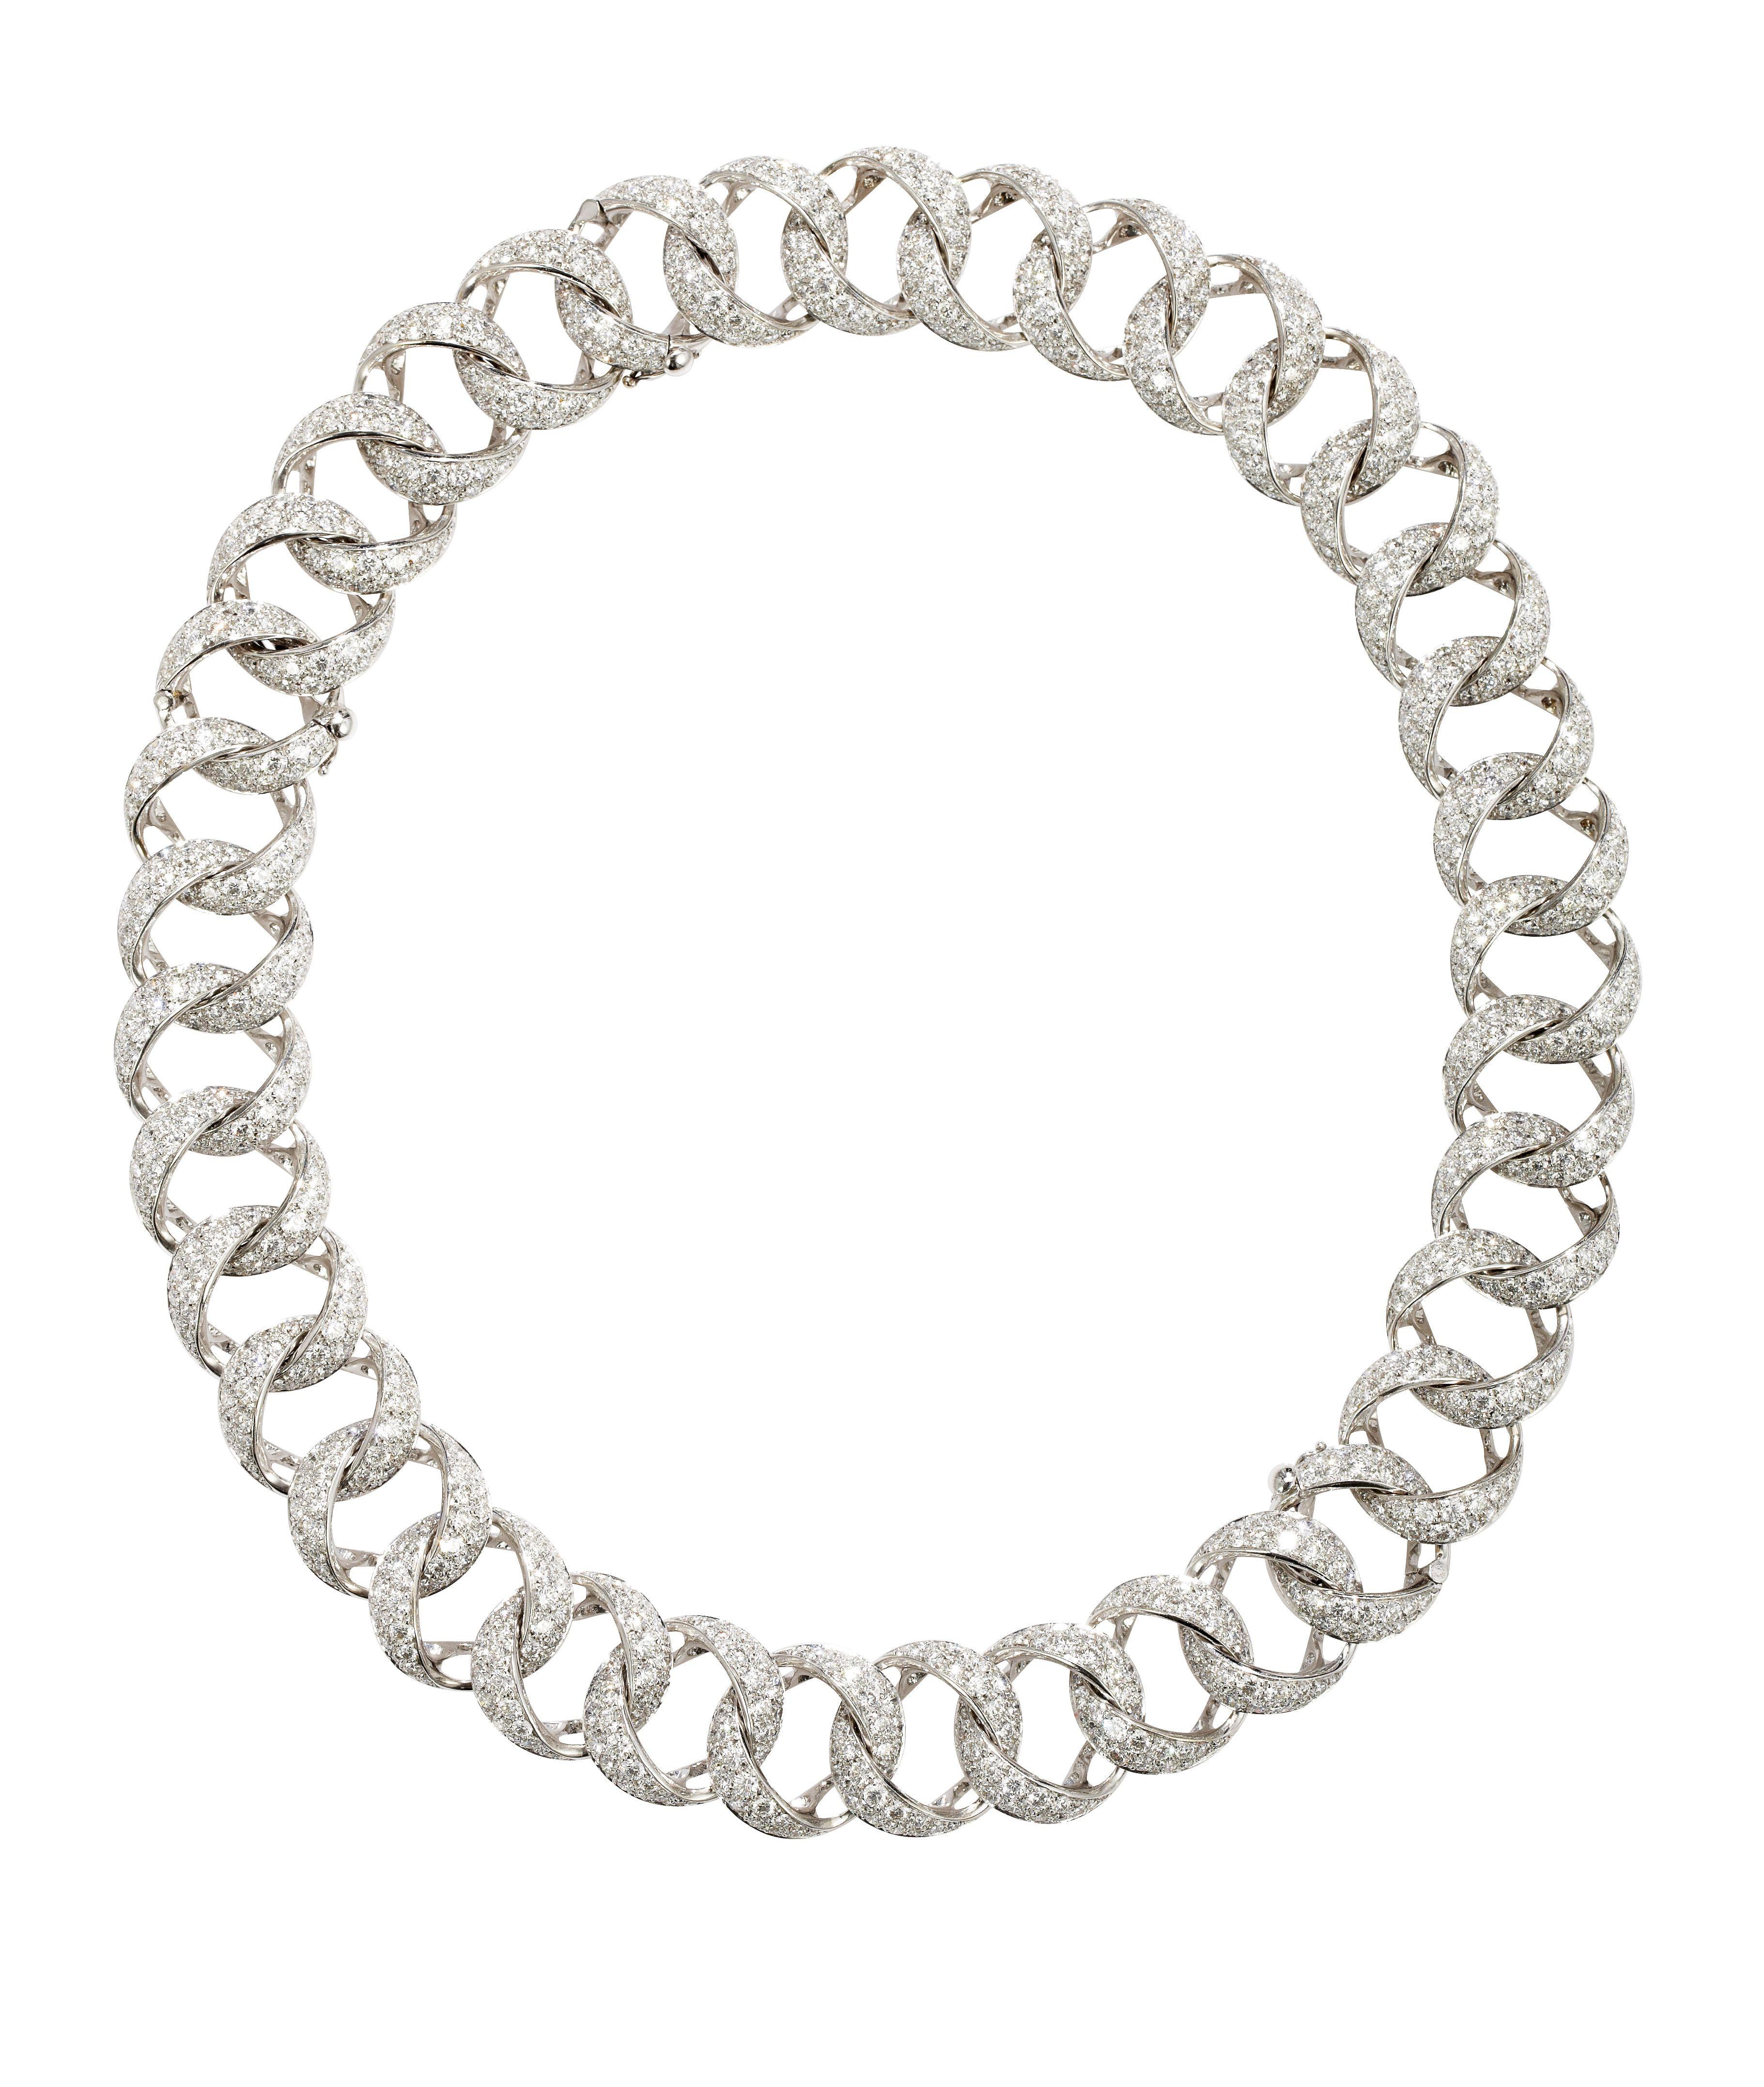 Villa this sumptuous pave set diamond curb link necklace is